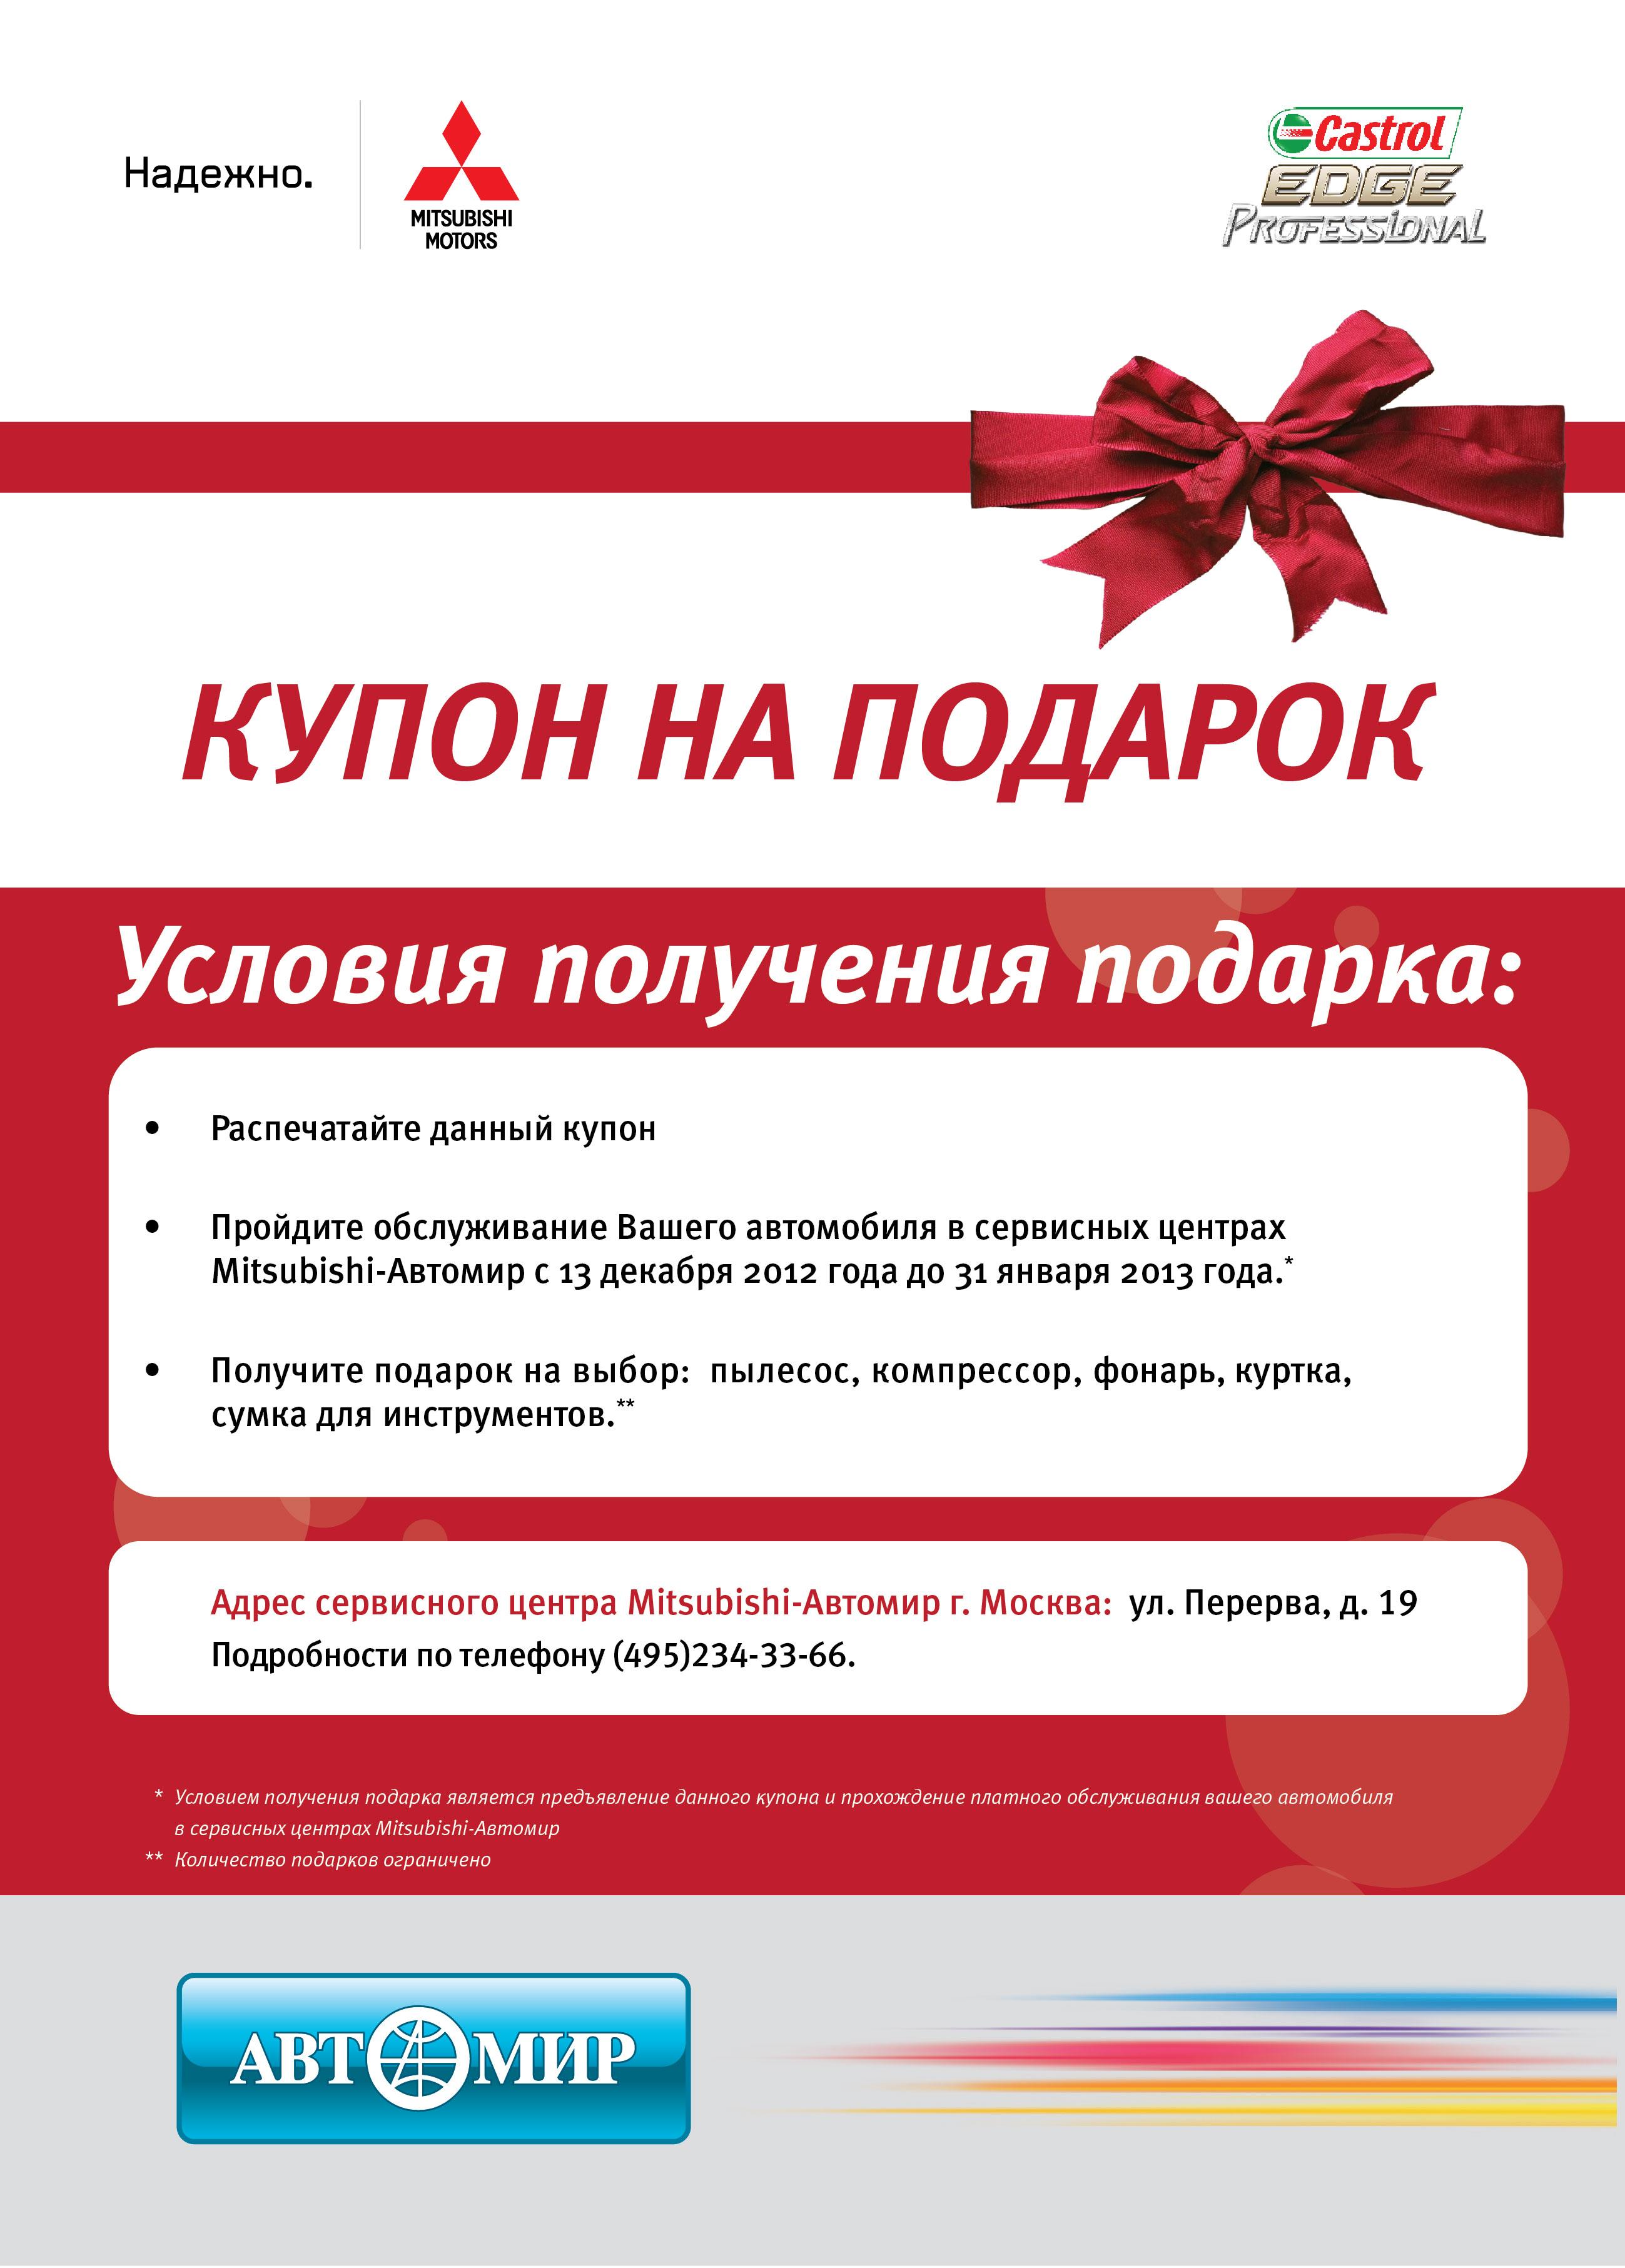 Заказать купоны на подарки, скидки и акции на подарки - bOombate 84